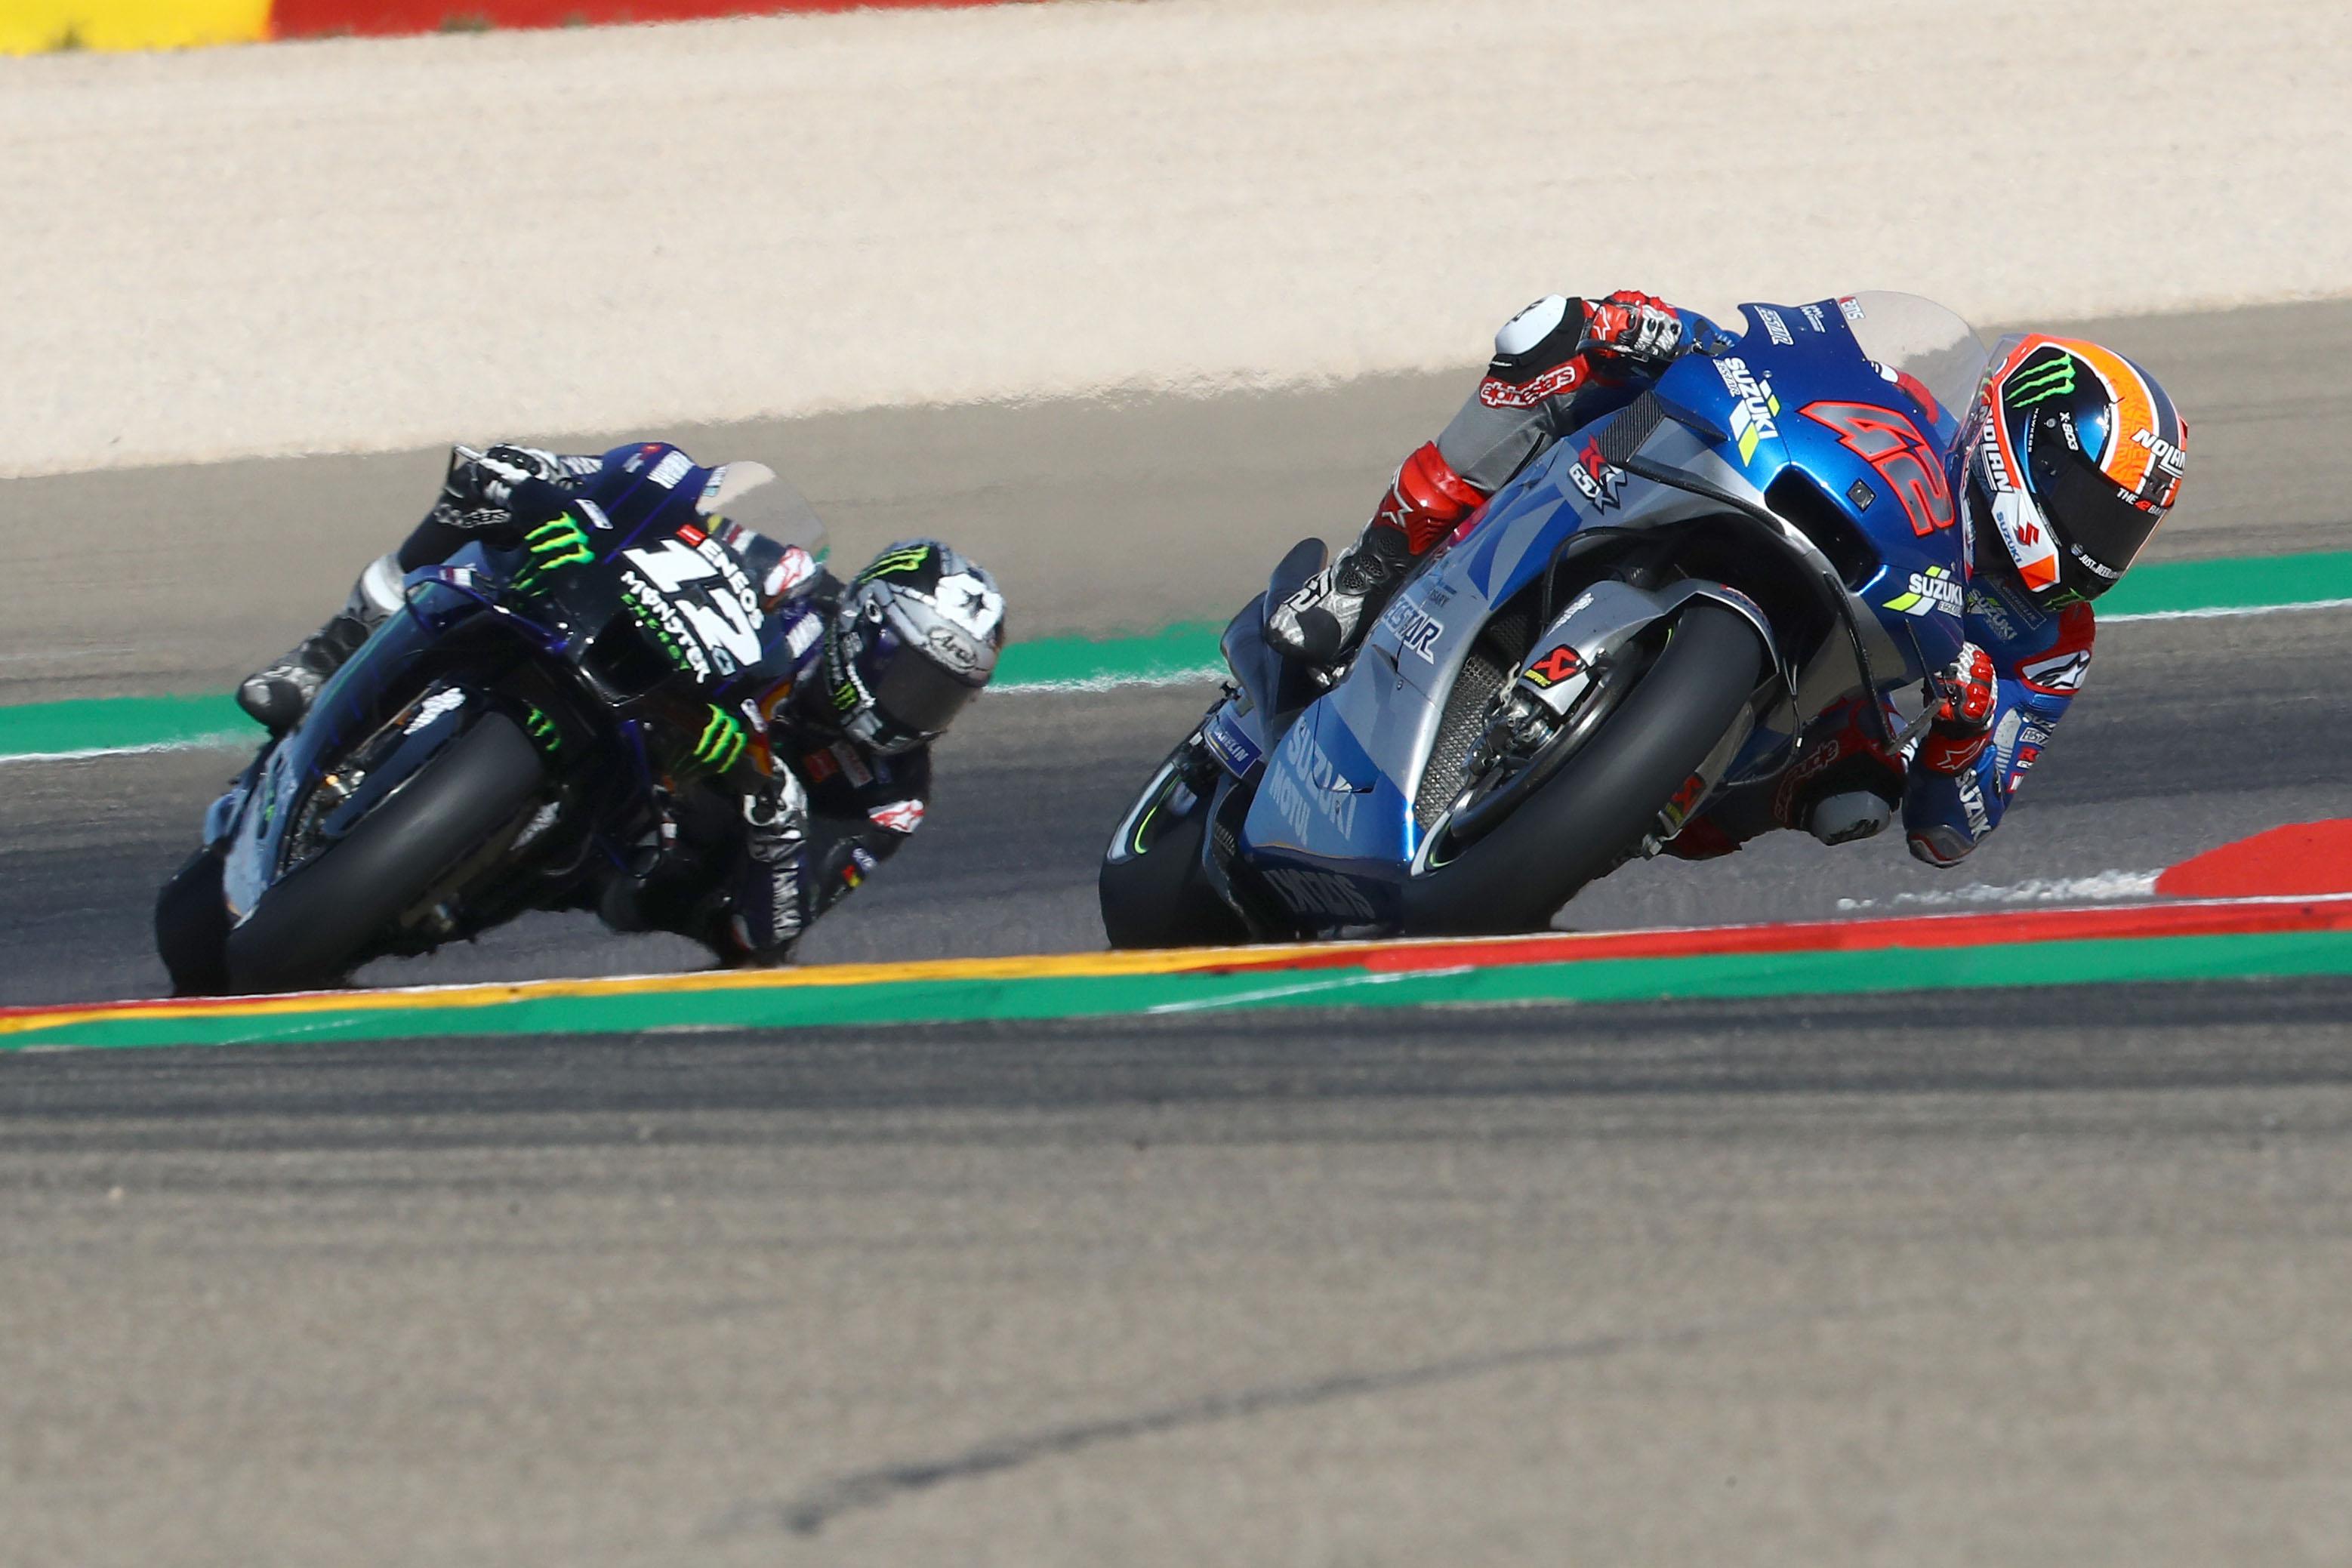 Alex Rins Suzuki Maverick Vinales Yamaha Valencia MotoGP 2020